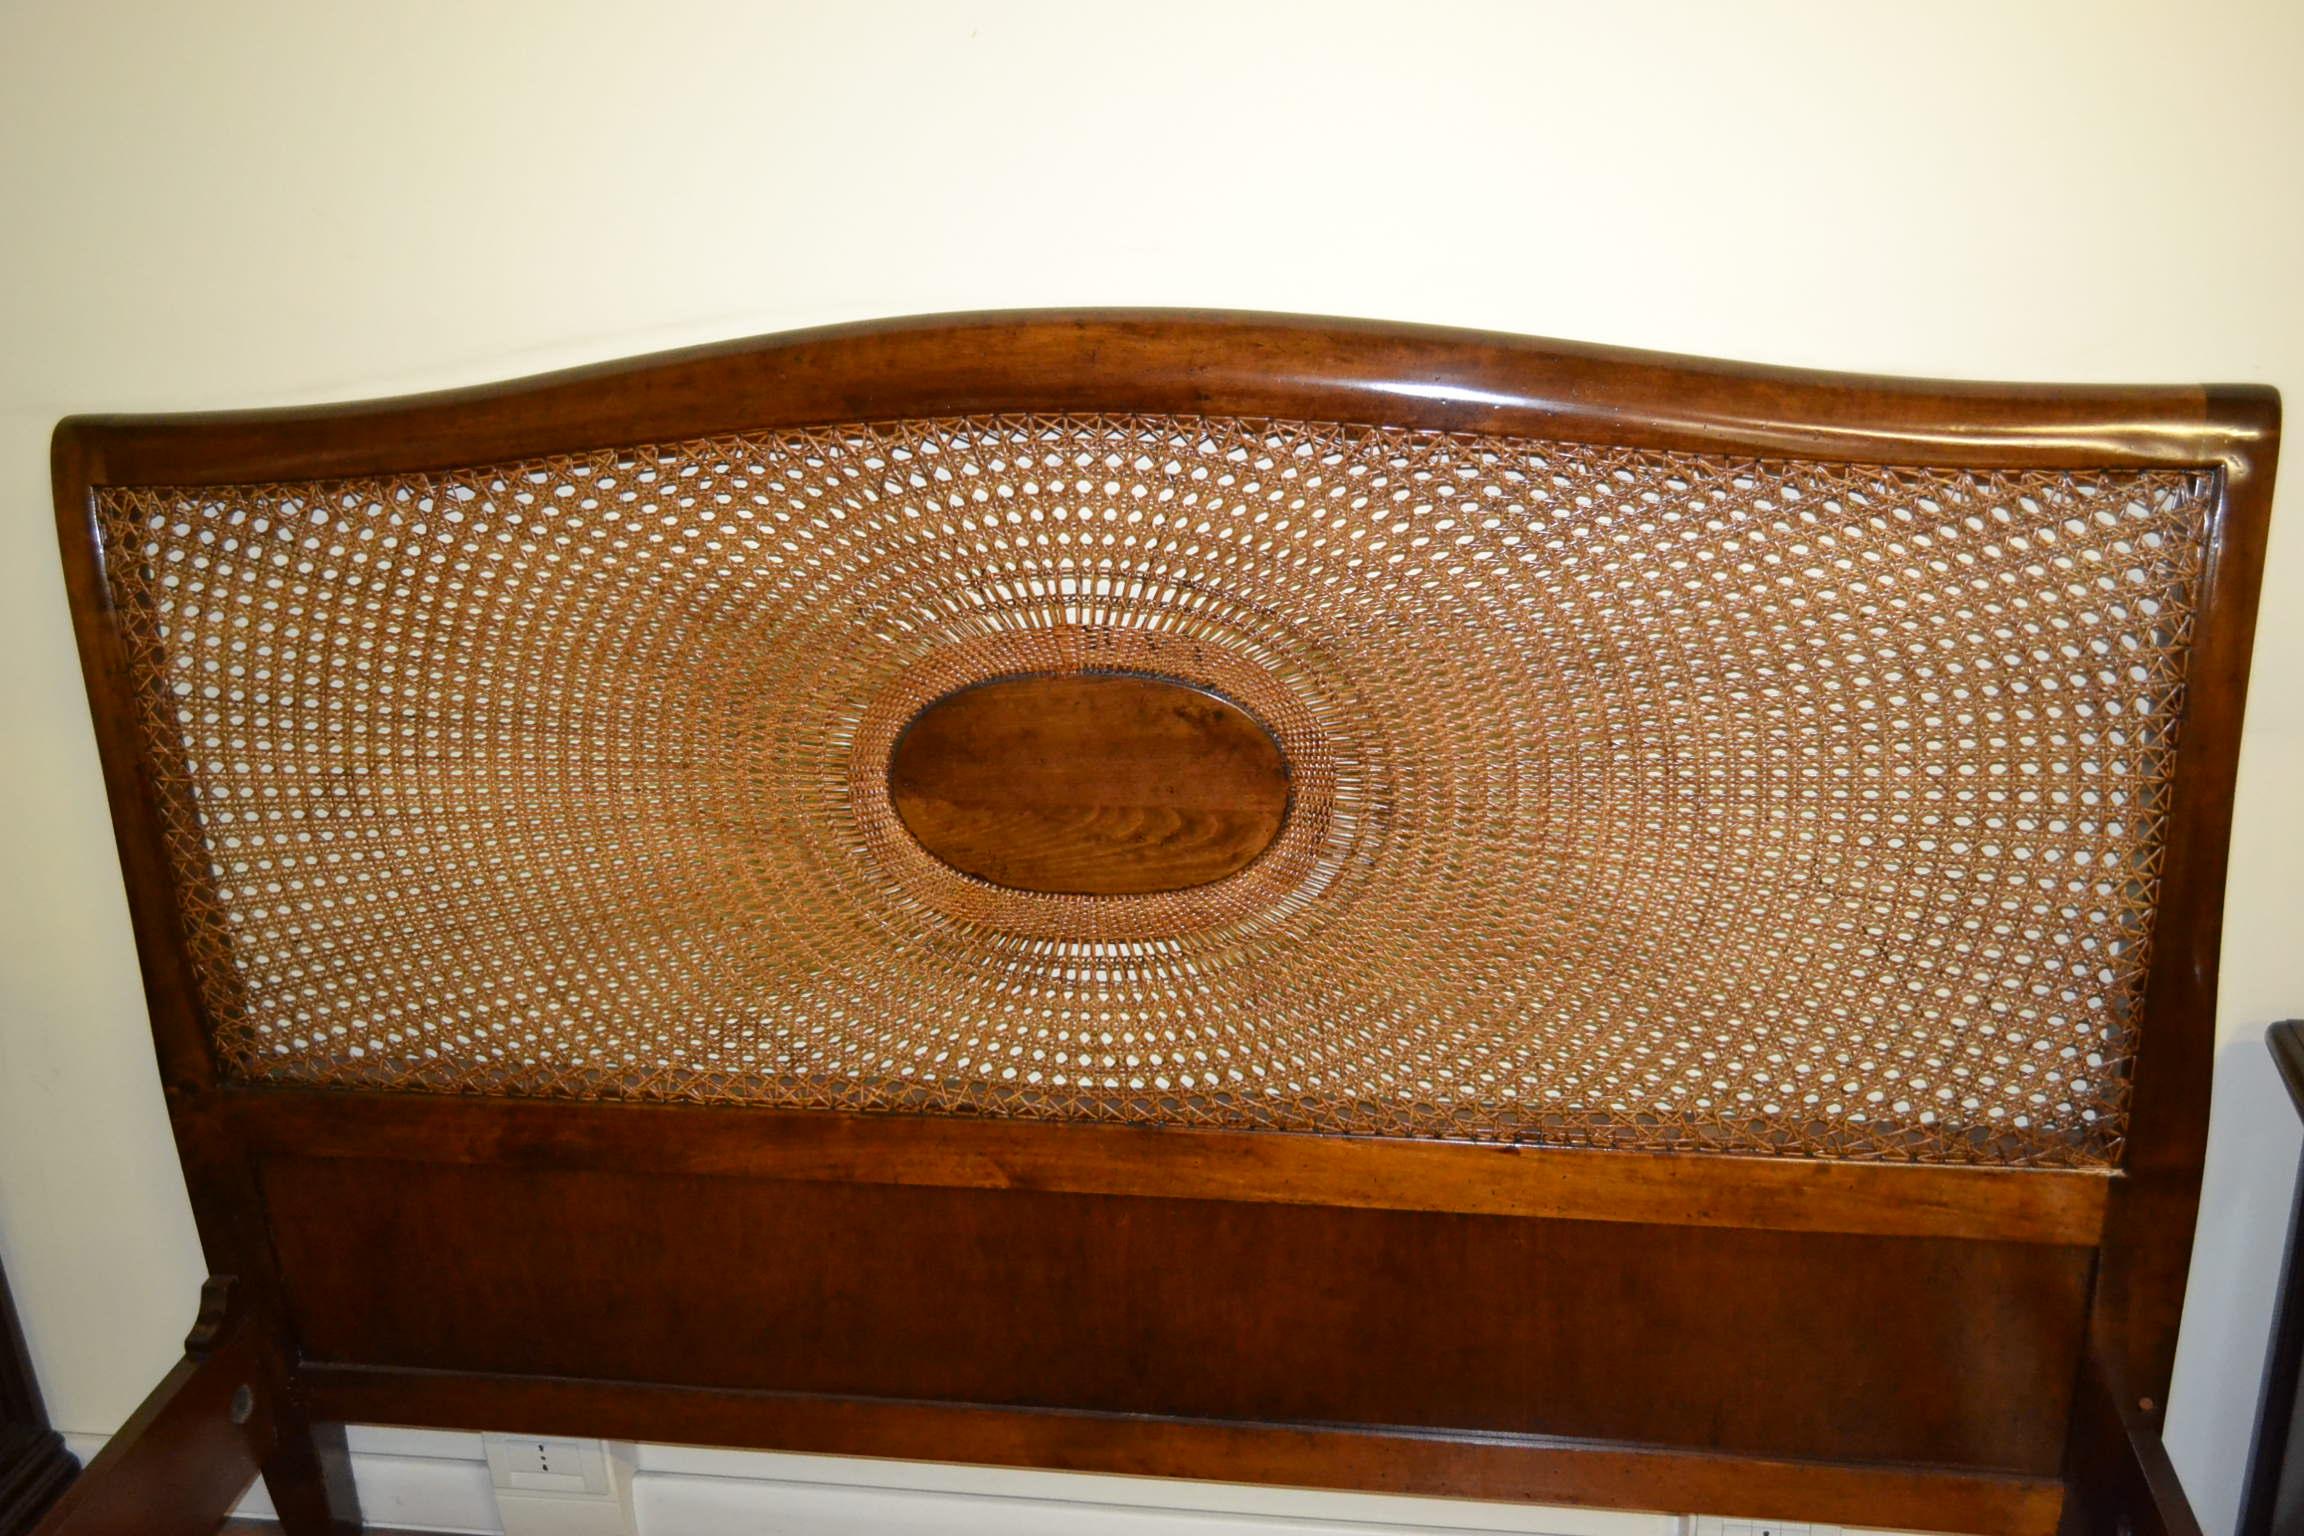 Letto vienna con rosone livio bernardi mobili mobili d 39 arte artigianali in legno - Letto di paglia ...